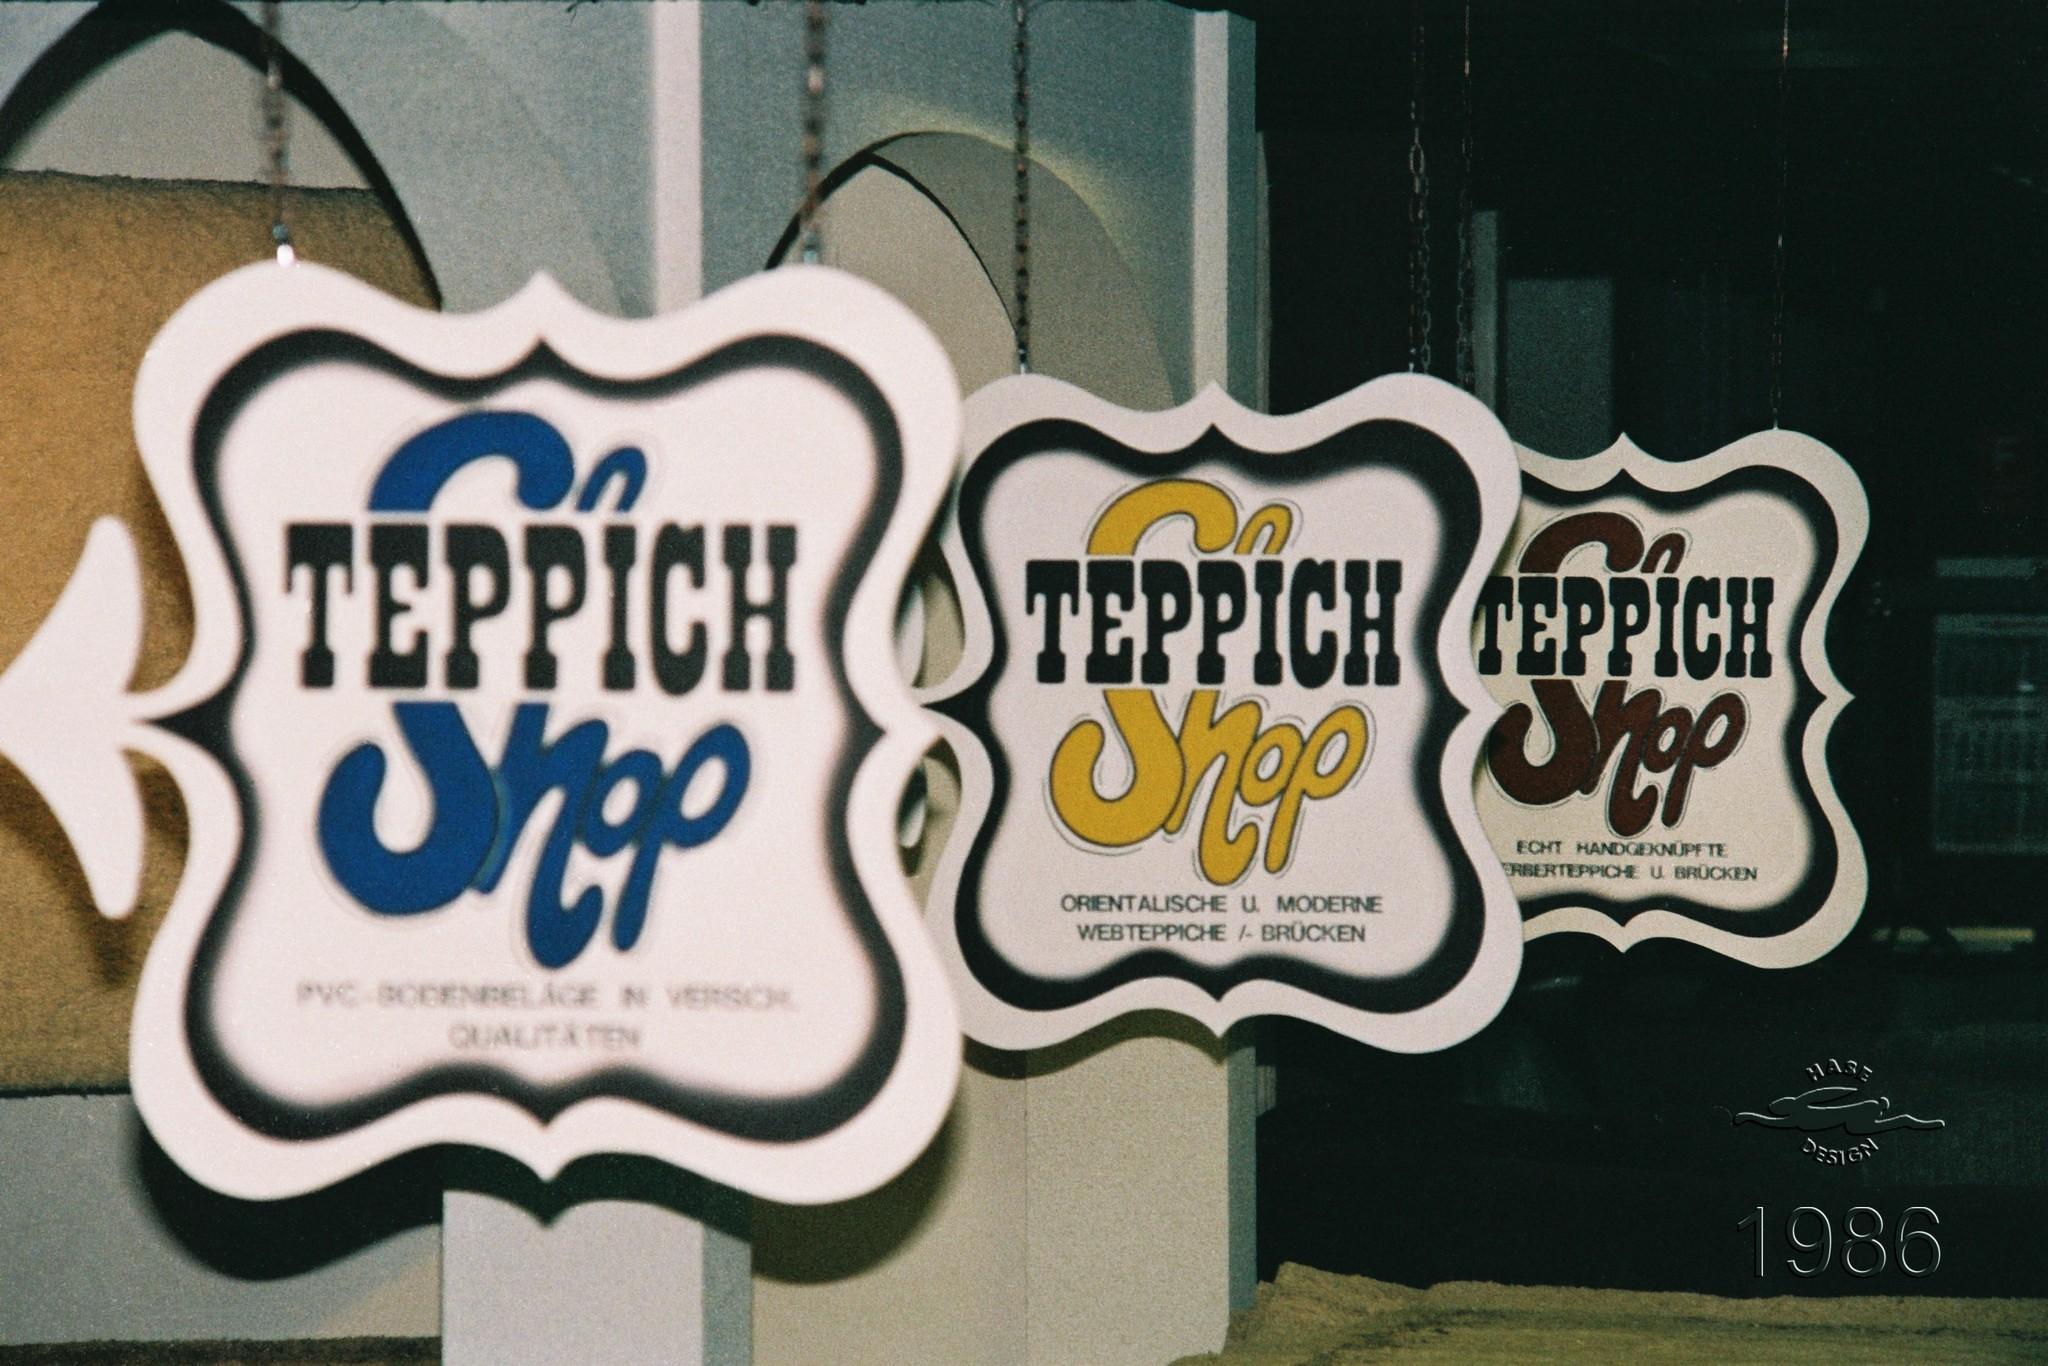 TepShop